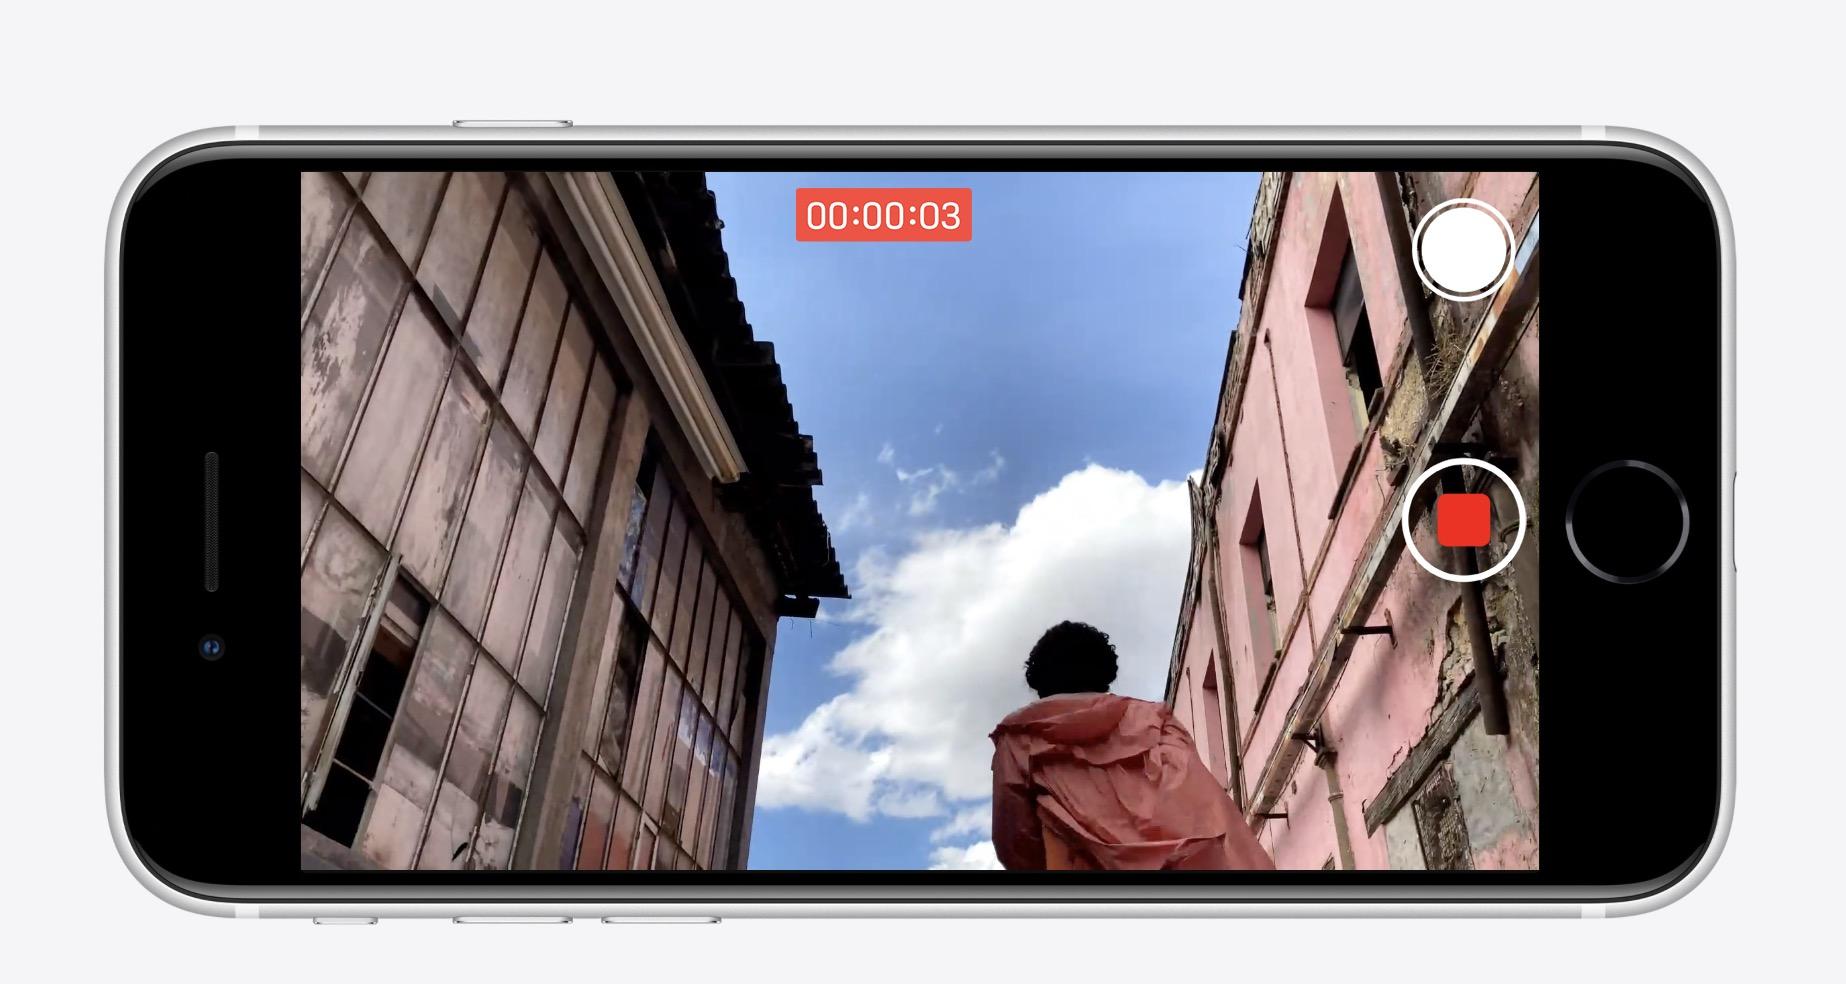 El iPhone más barato (y pequeño) se renueva — IPhone SE